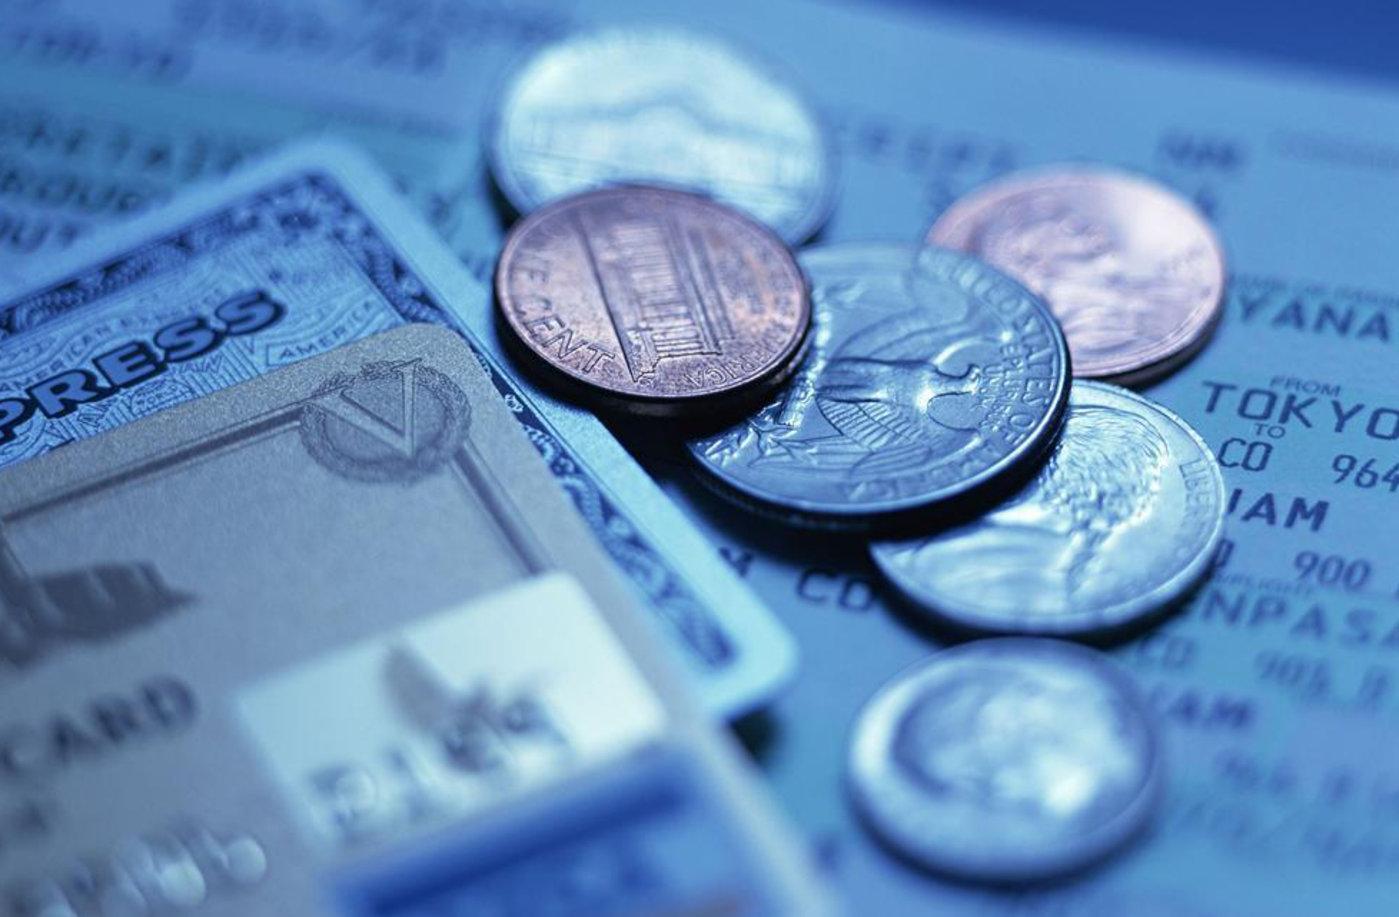 银保监会:反垄断不针对民企,也不是针对某一企业